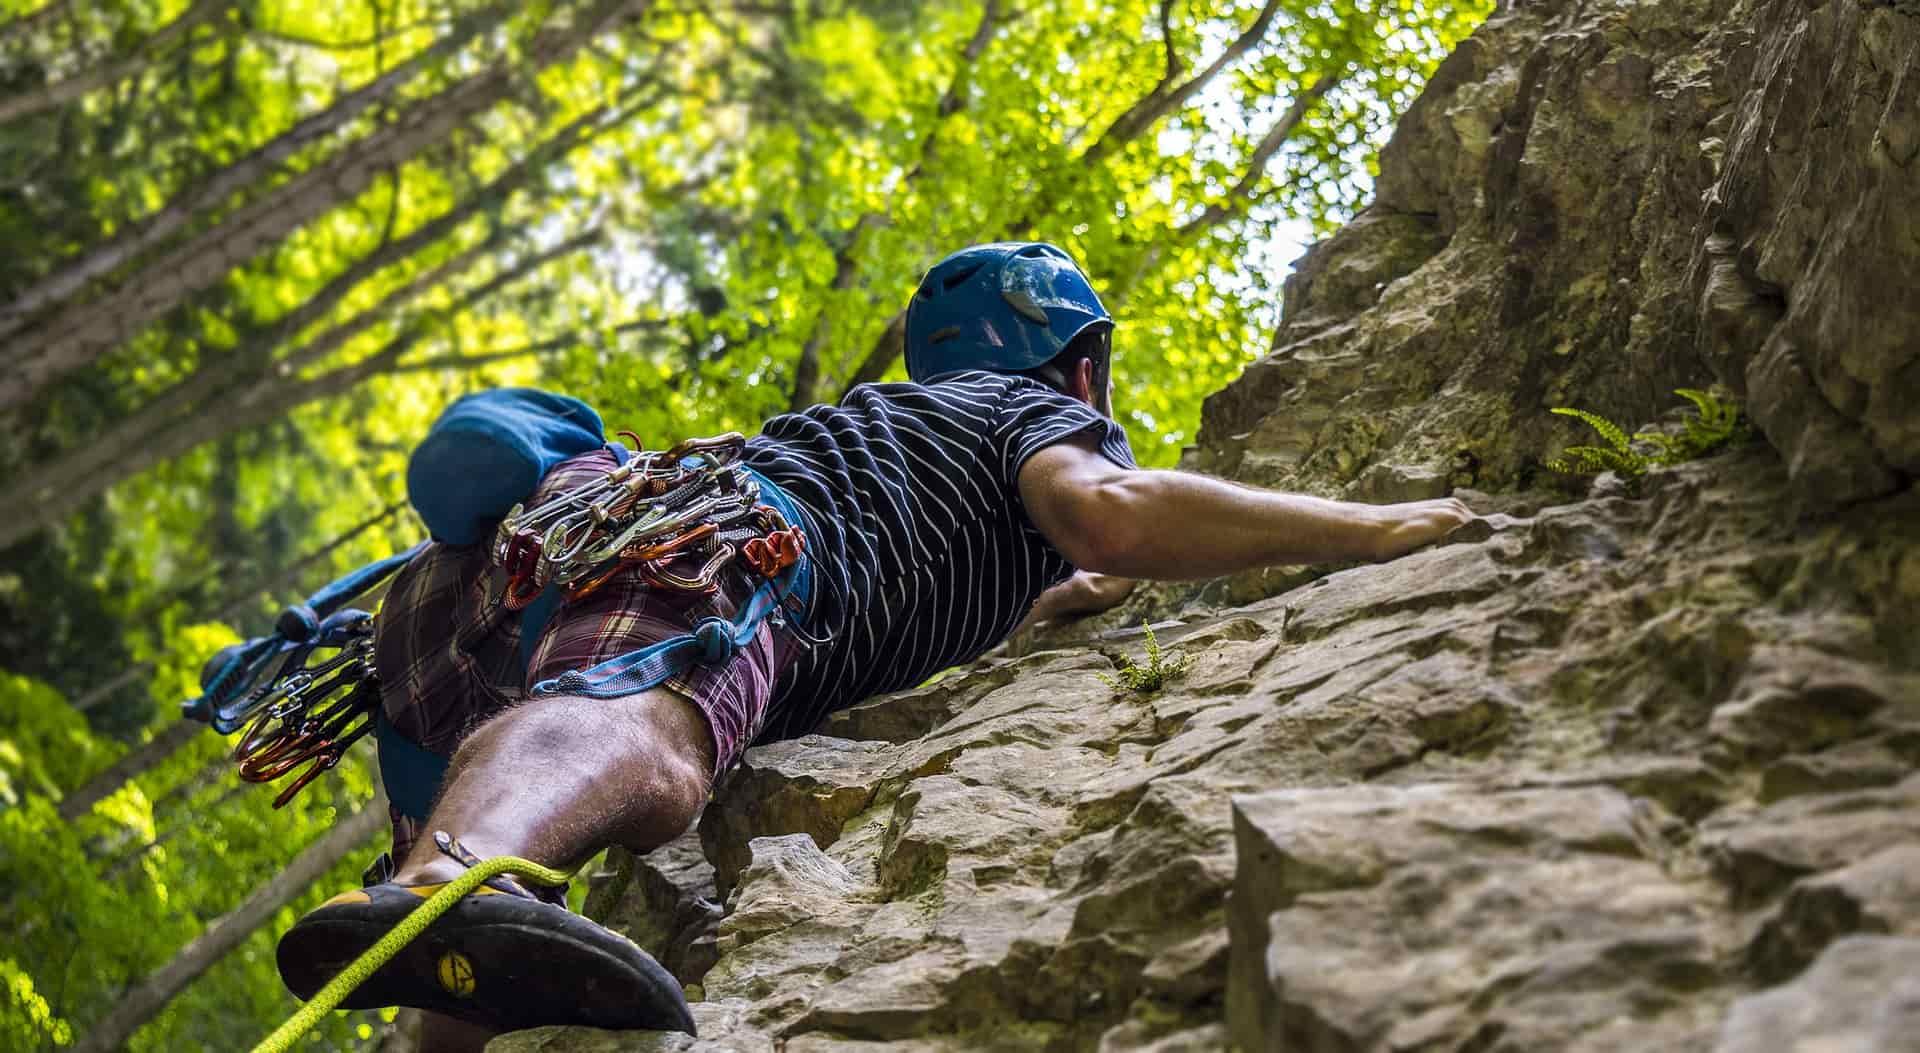 Actividades de aventura- escalada